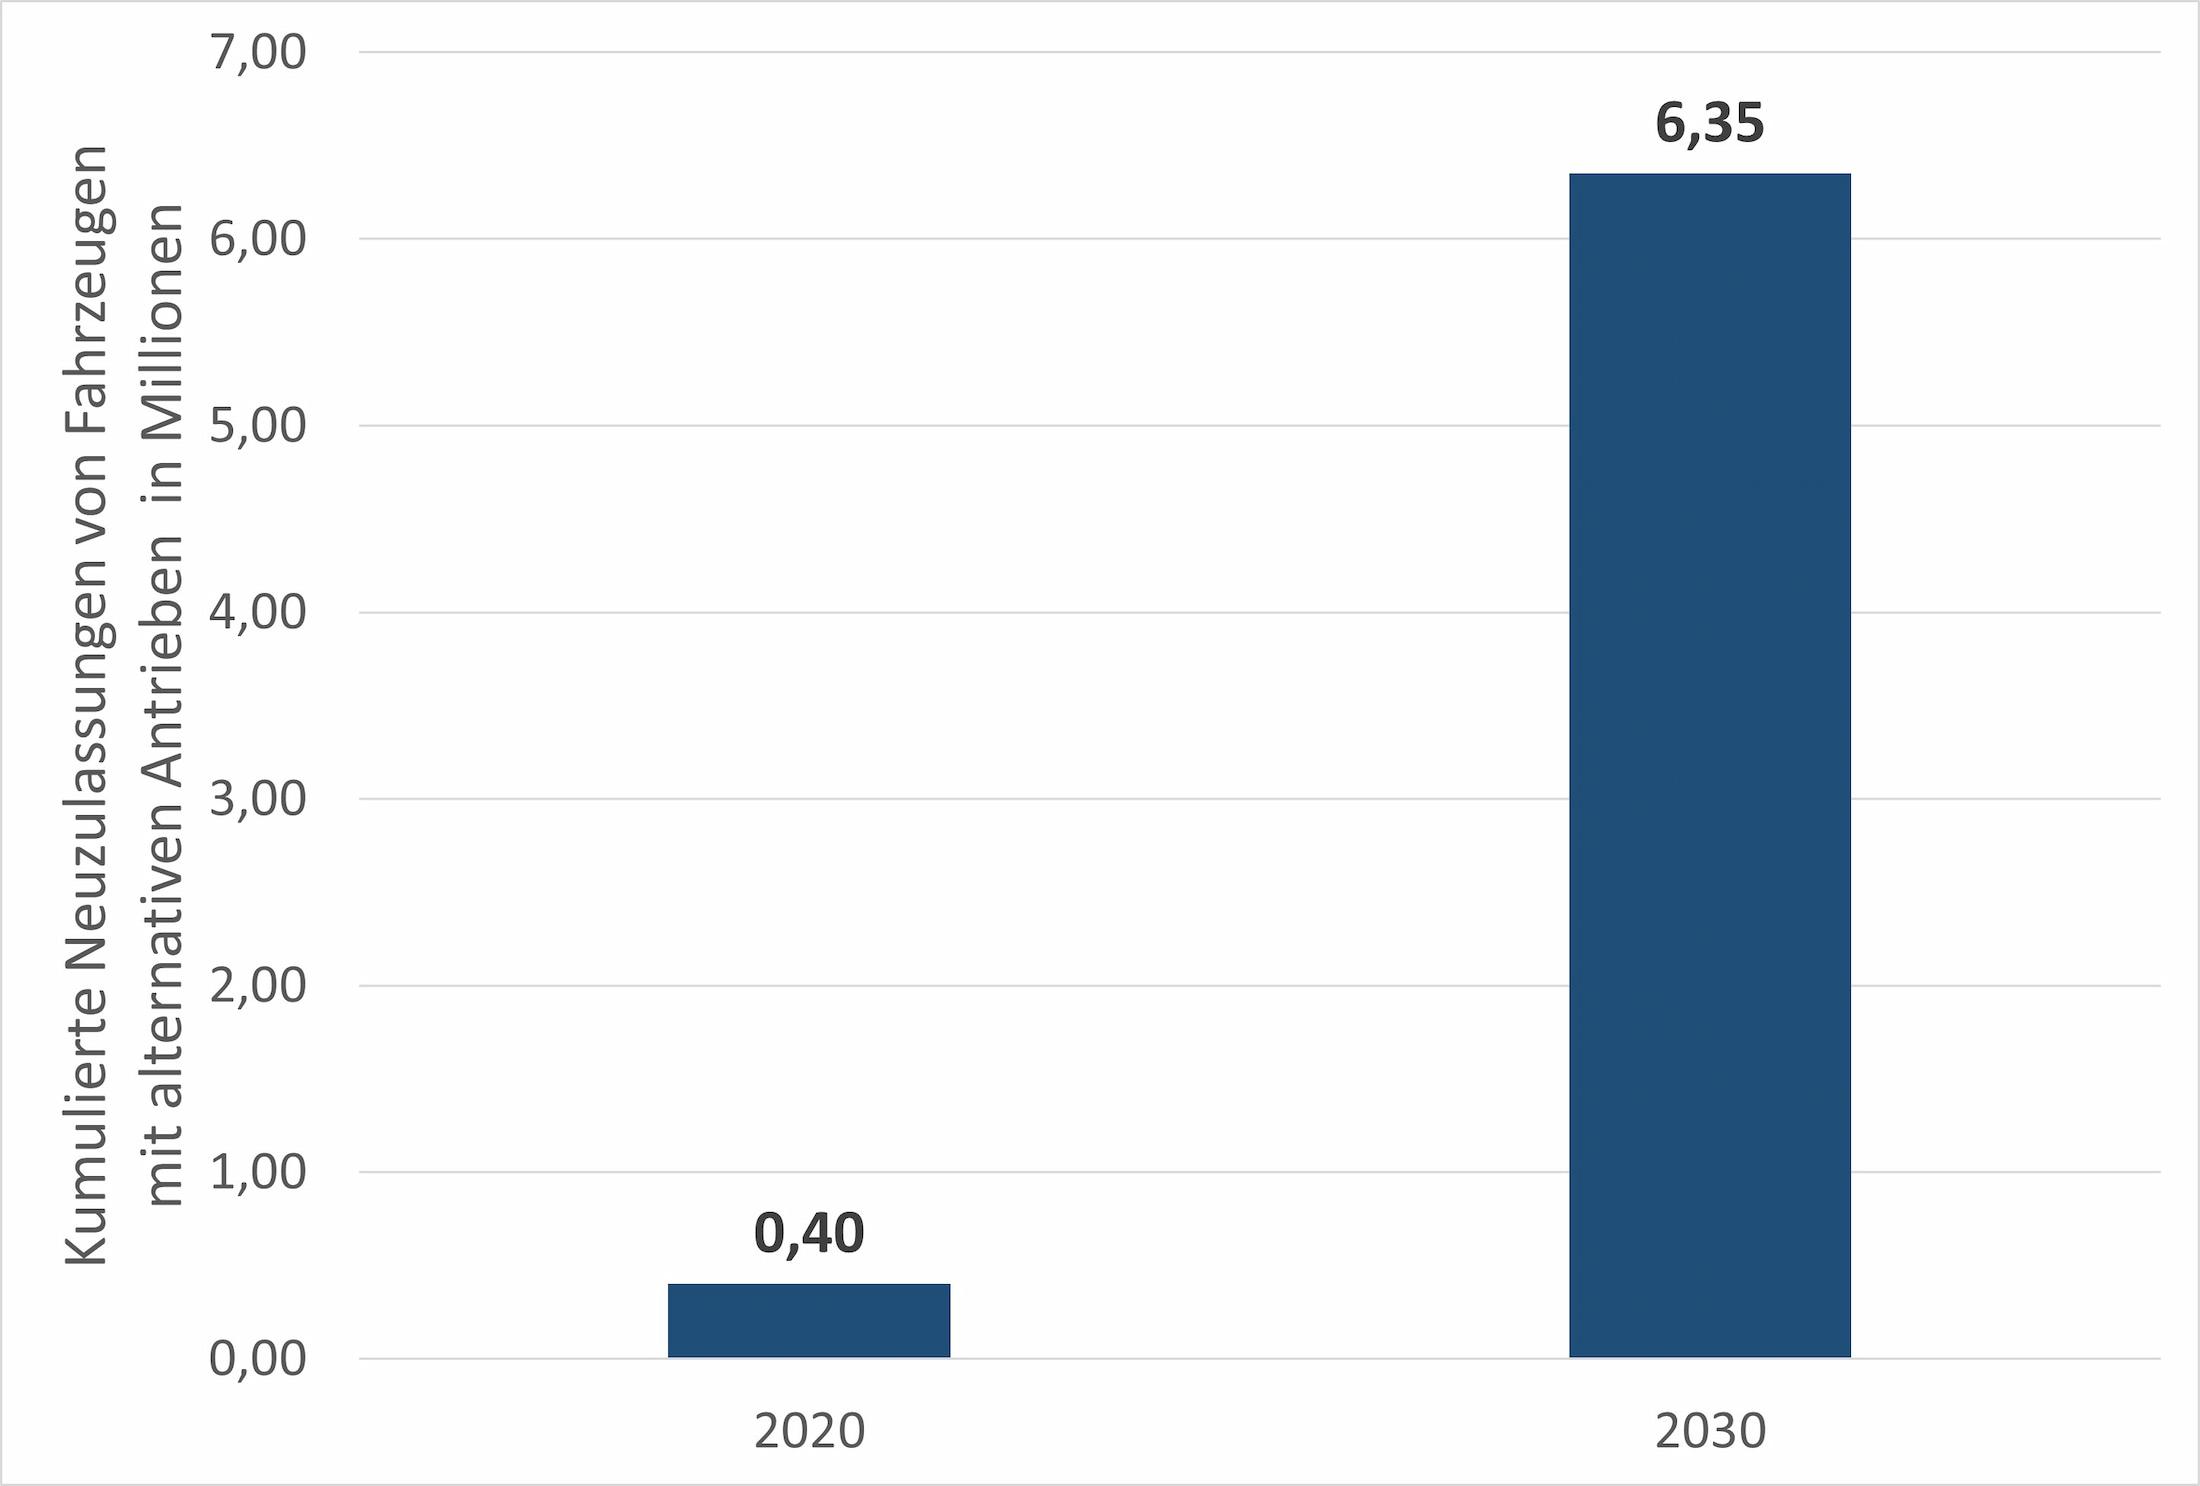 Benötigte E-Autos zur Einhaltung der CO2-Emissionsziele in der EU 2030